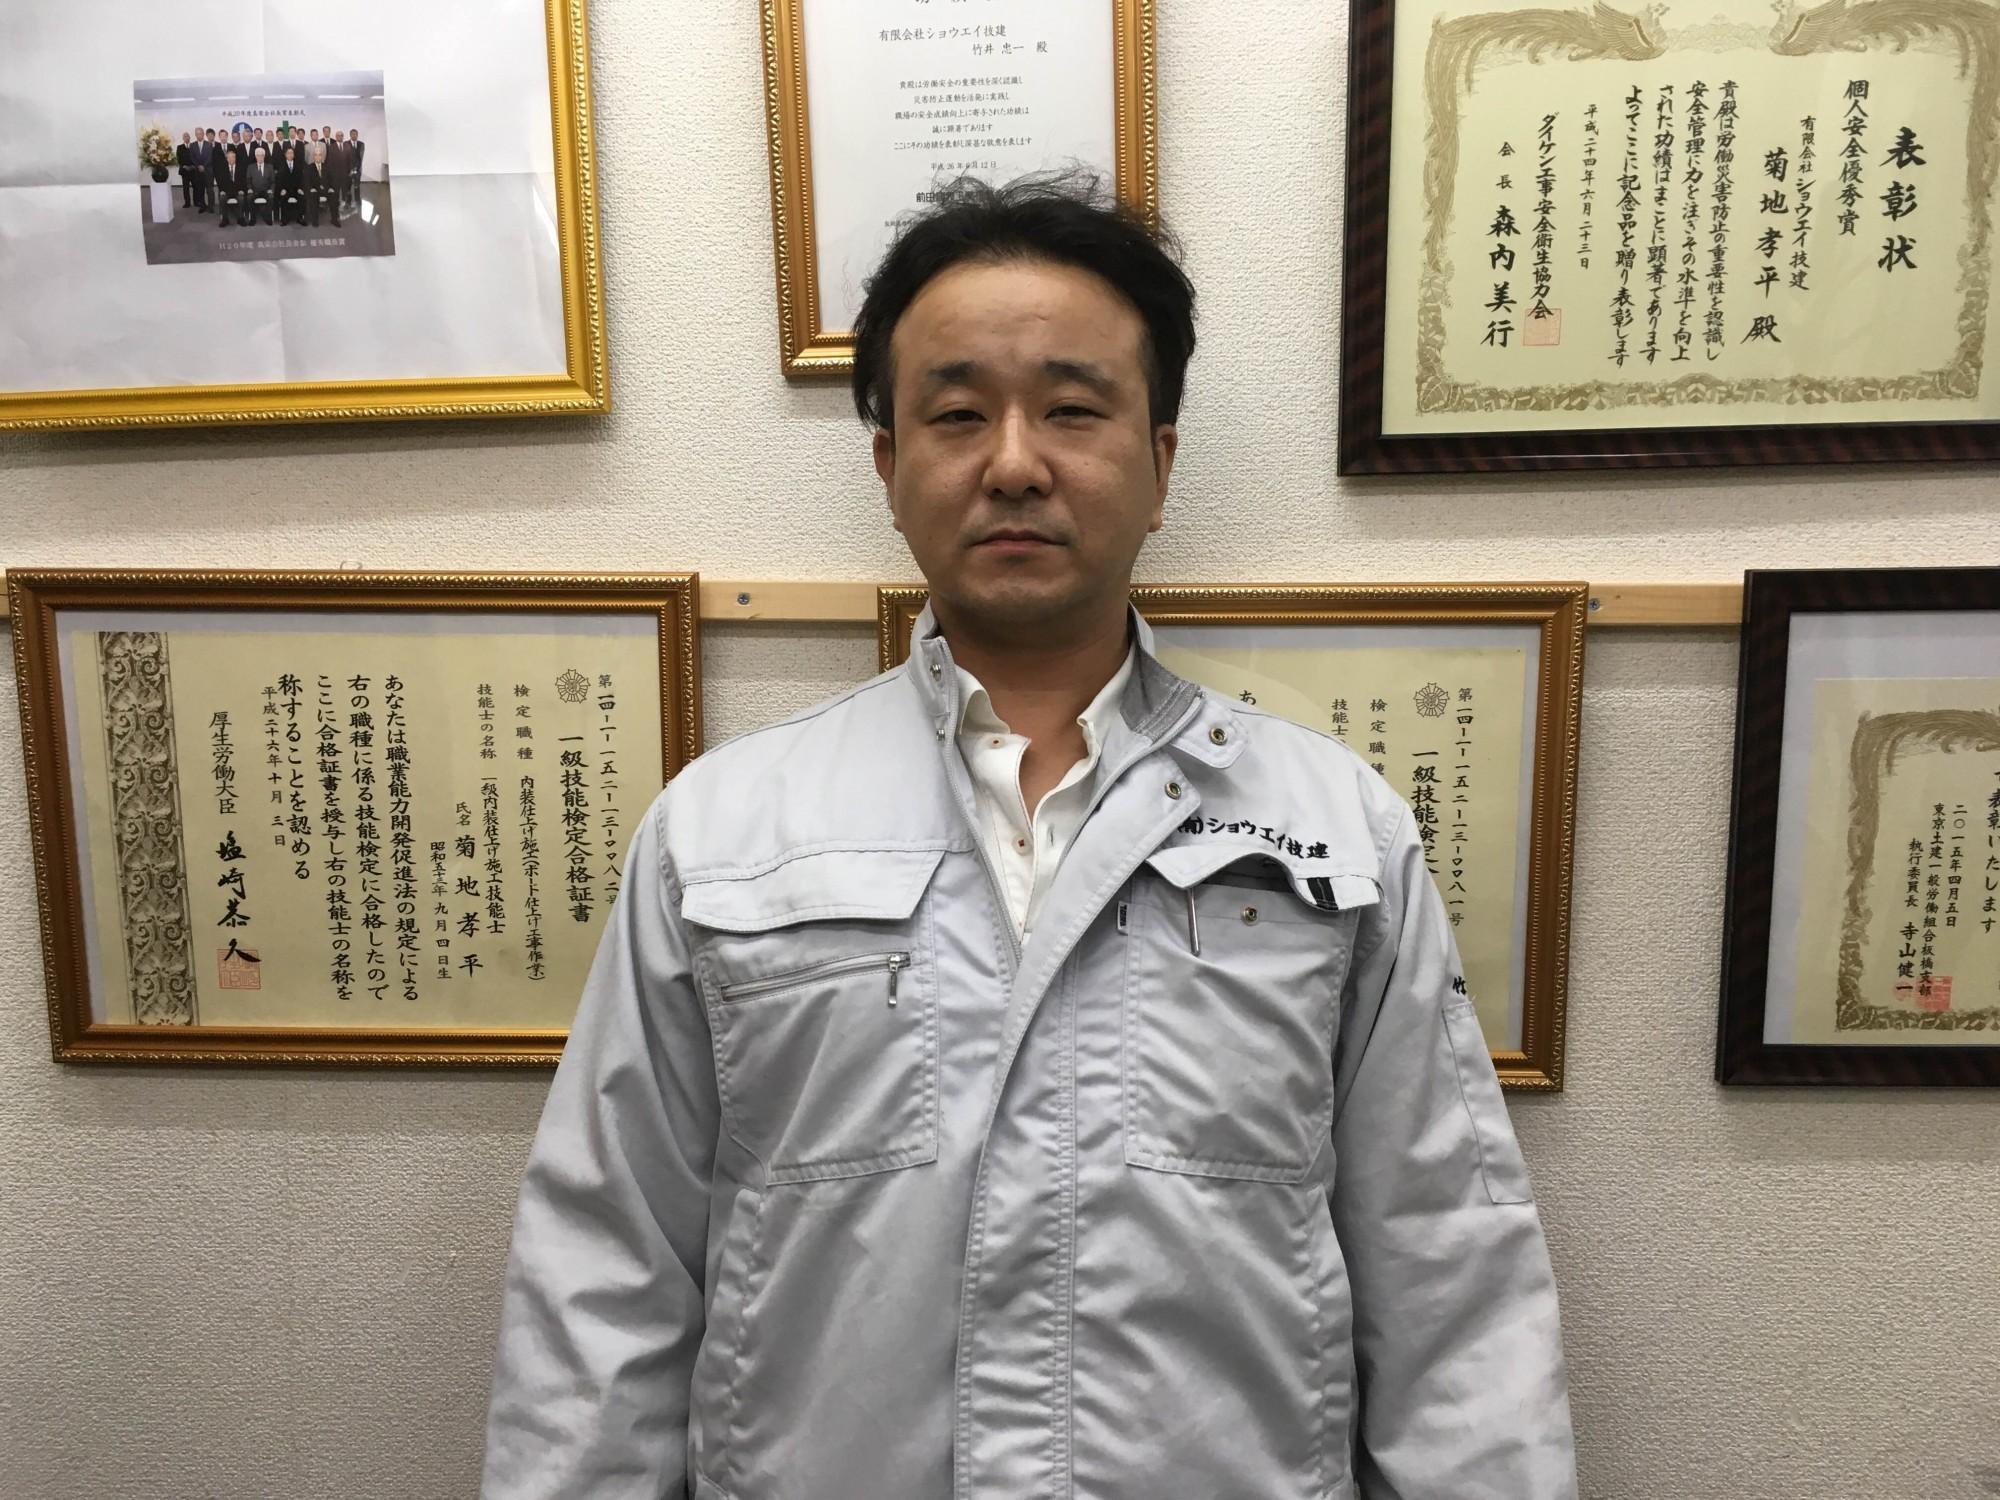 有限会社ショウエイ技建の代表者写真